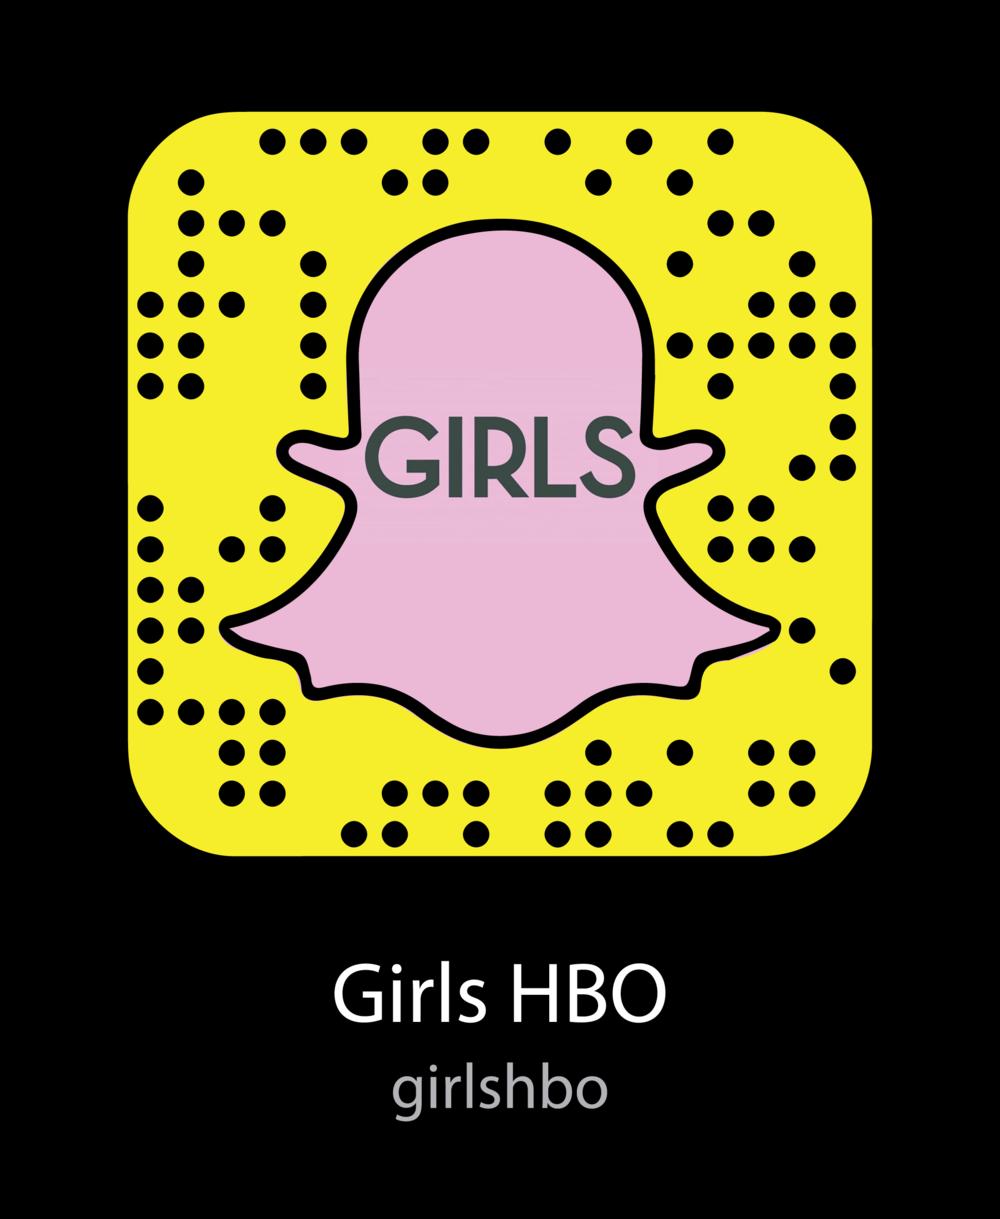 girlshbo-Brands-snapchat-snapcode.png